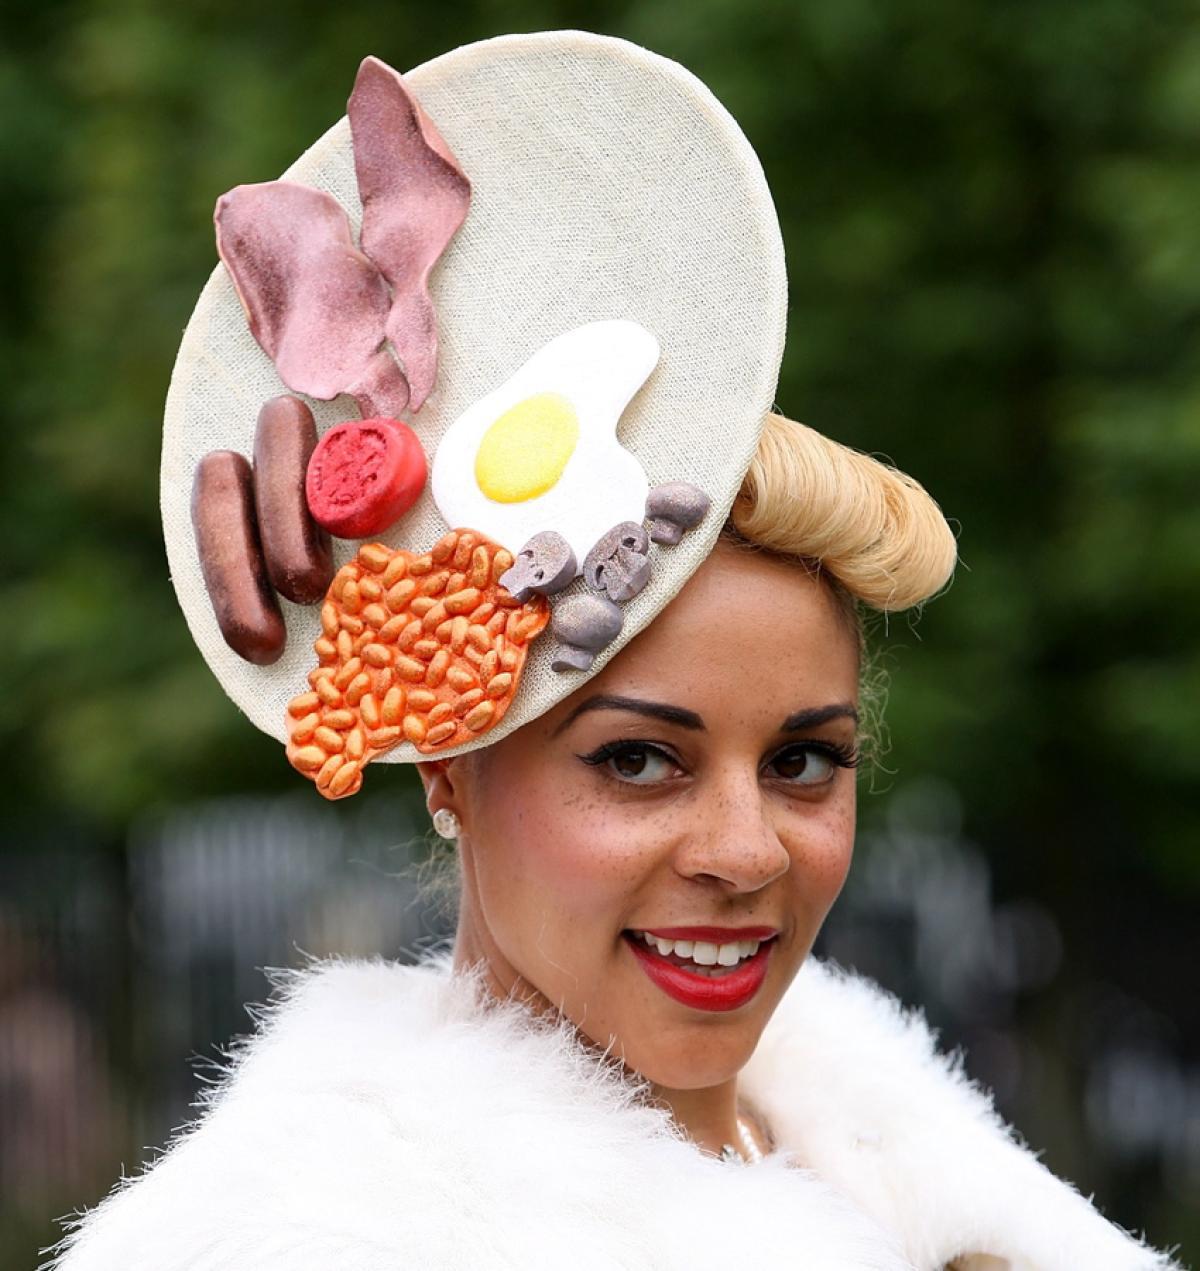 ascot hats royal ascot 2012 - photos - royal ascot 2012: outrageous hats - ny daily VZXIDSN